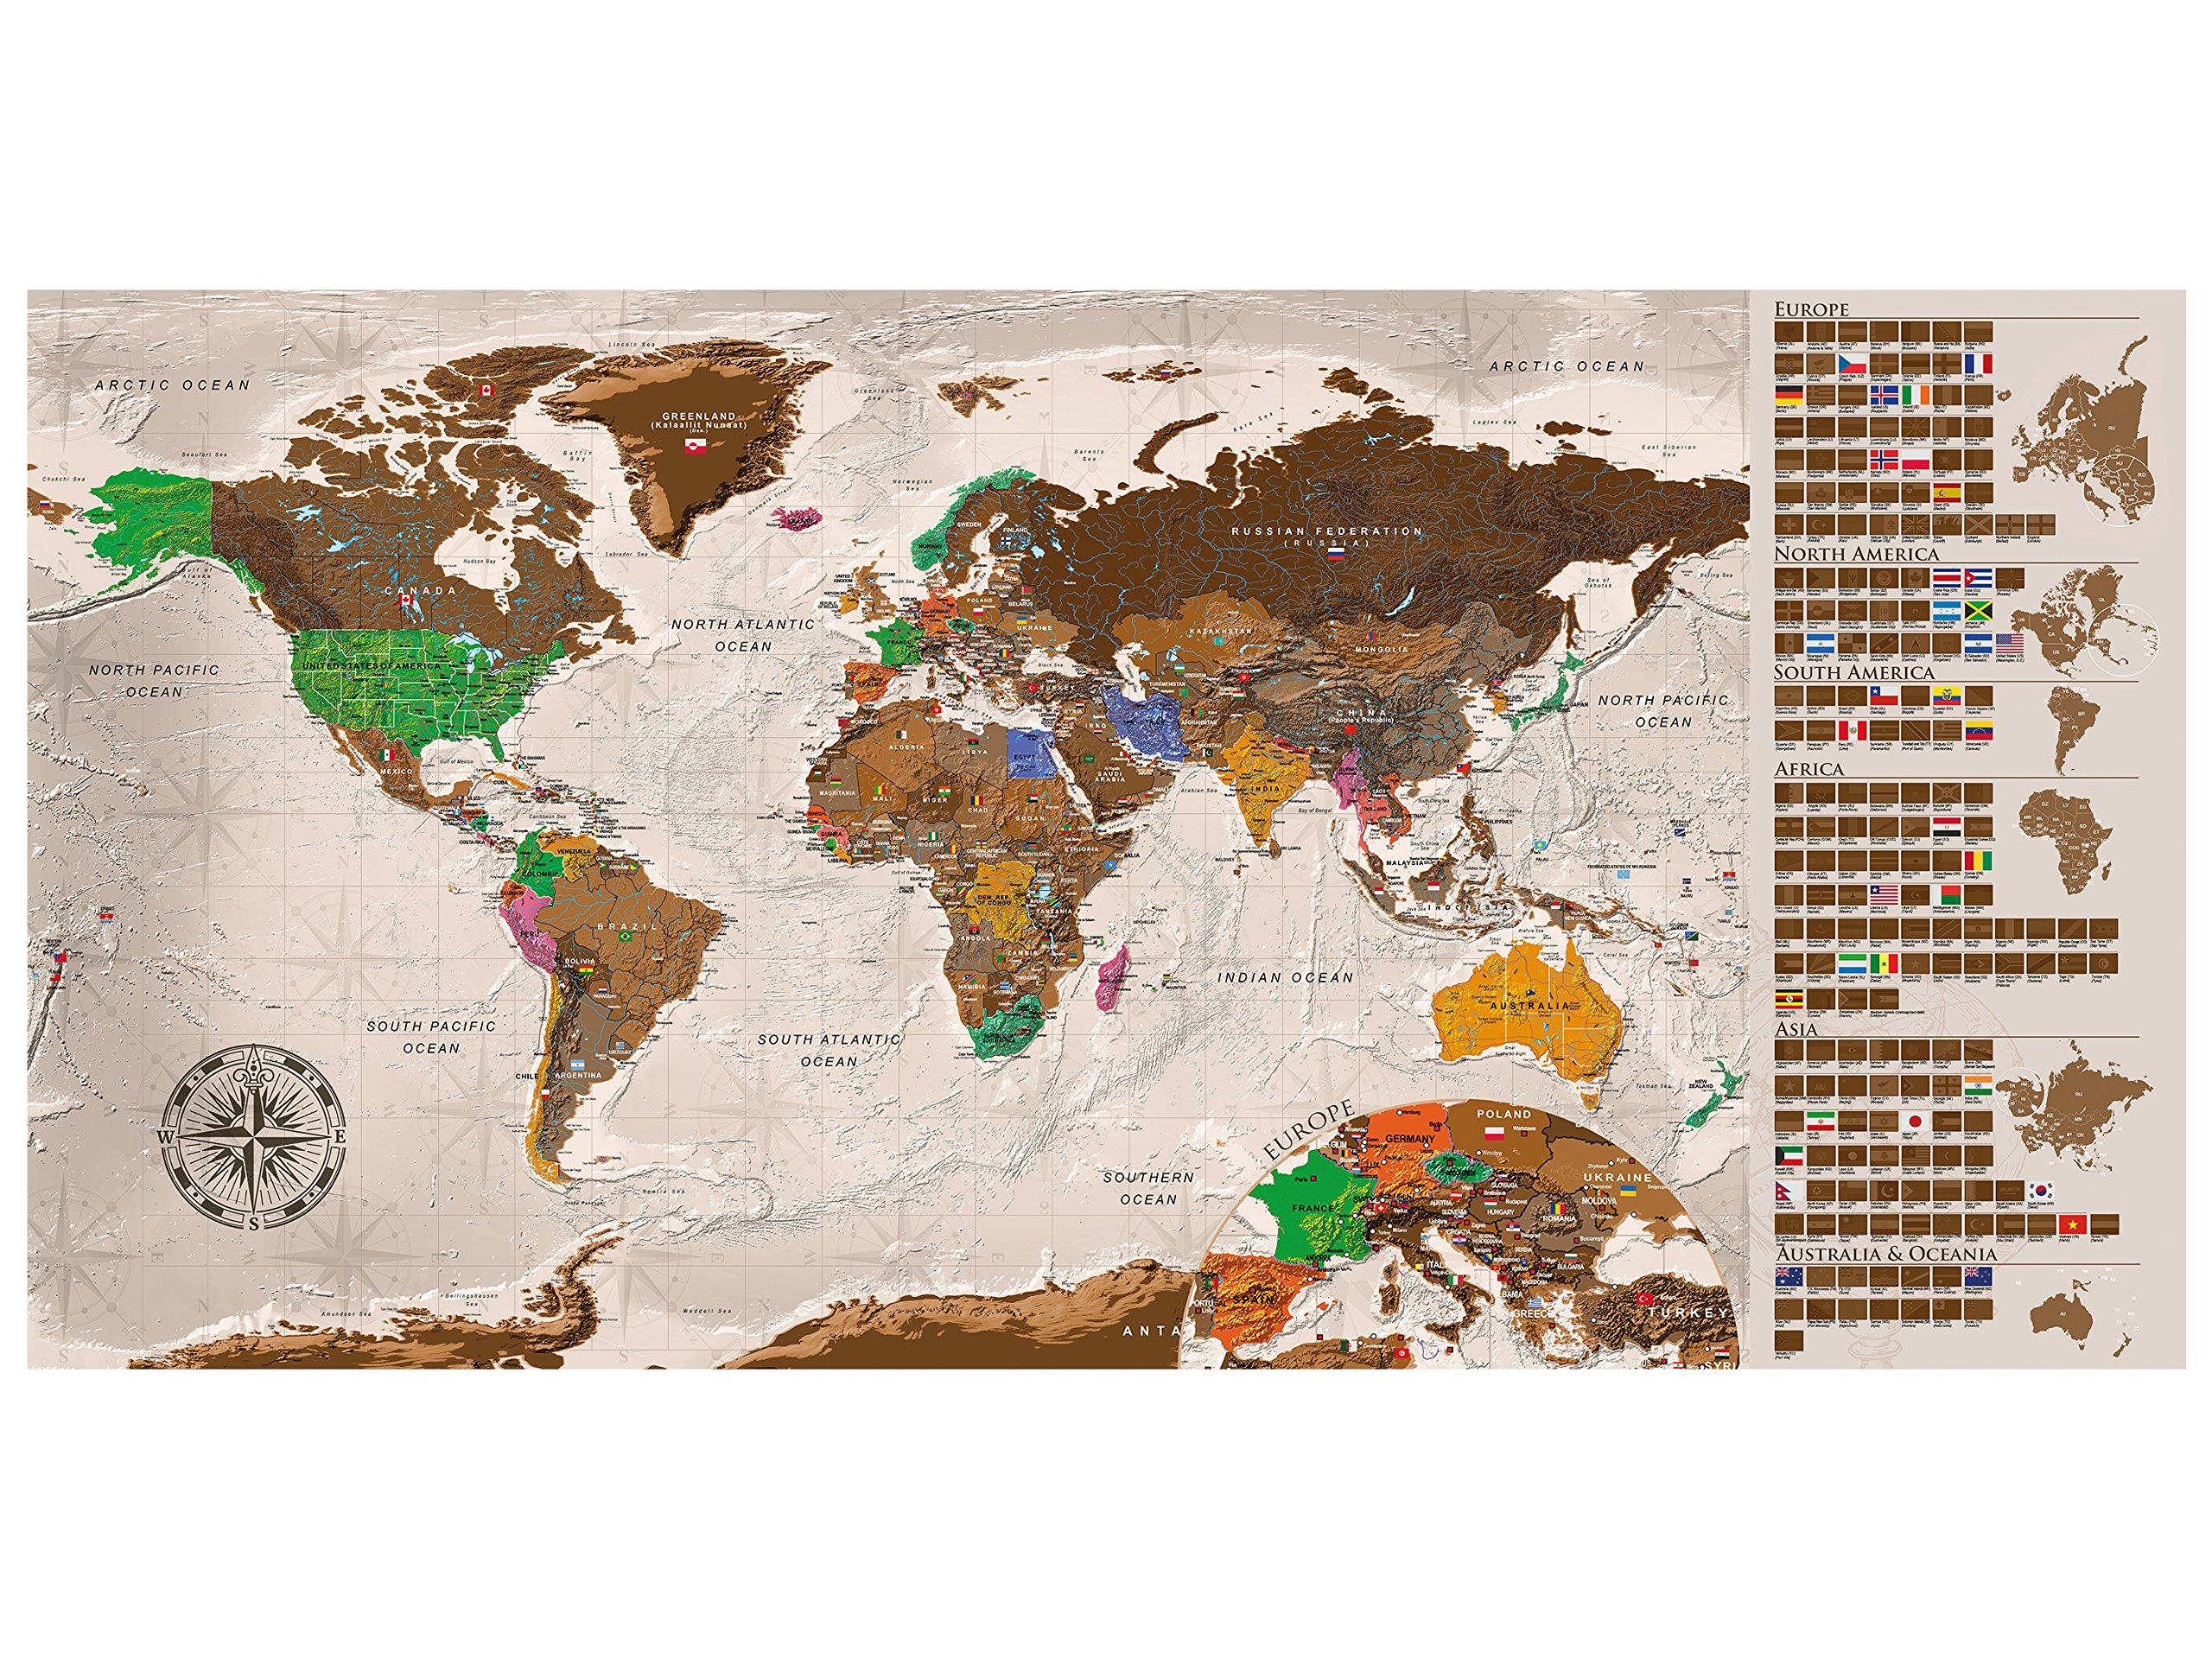 murando Mapamundi para rascar Mapa Mundial 100x50 cm Color: Beige Laminado (Posibilidad de Escribir y borrar) Mapa para rascar con Banderas Mapa del Mundo Macionales k-A-0225-o-b: Amazon.es: Juguetes y juegos